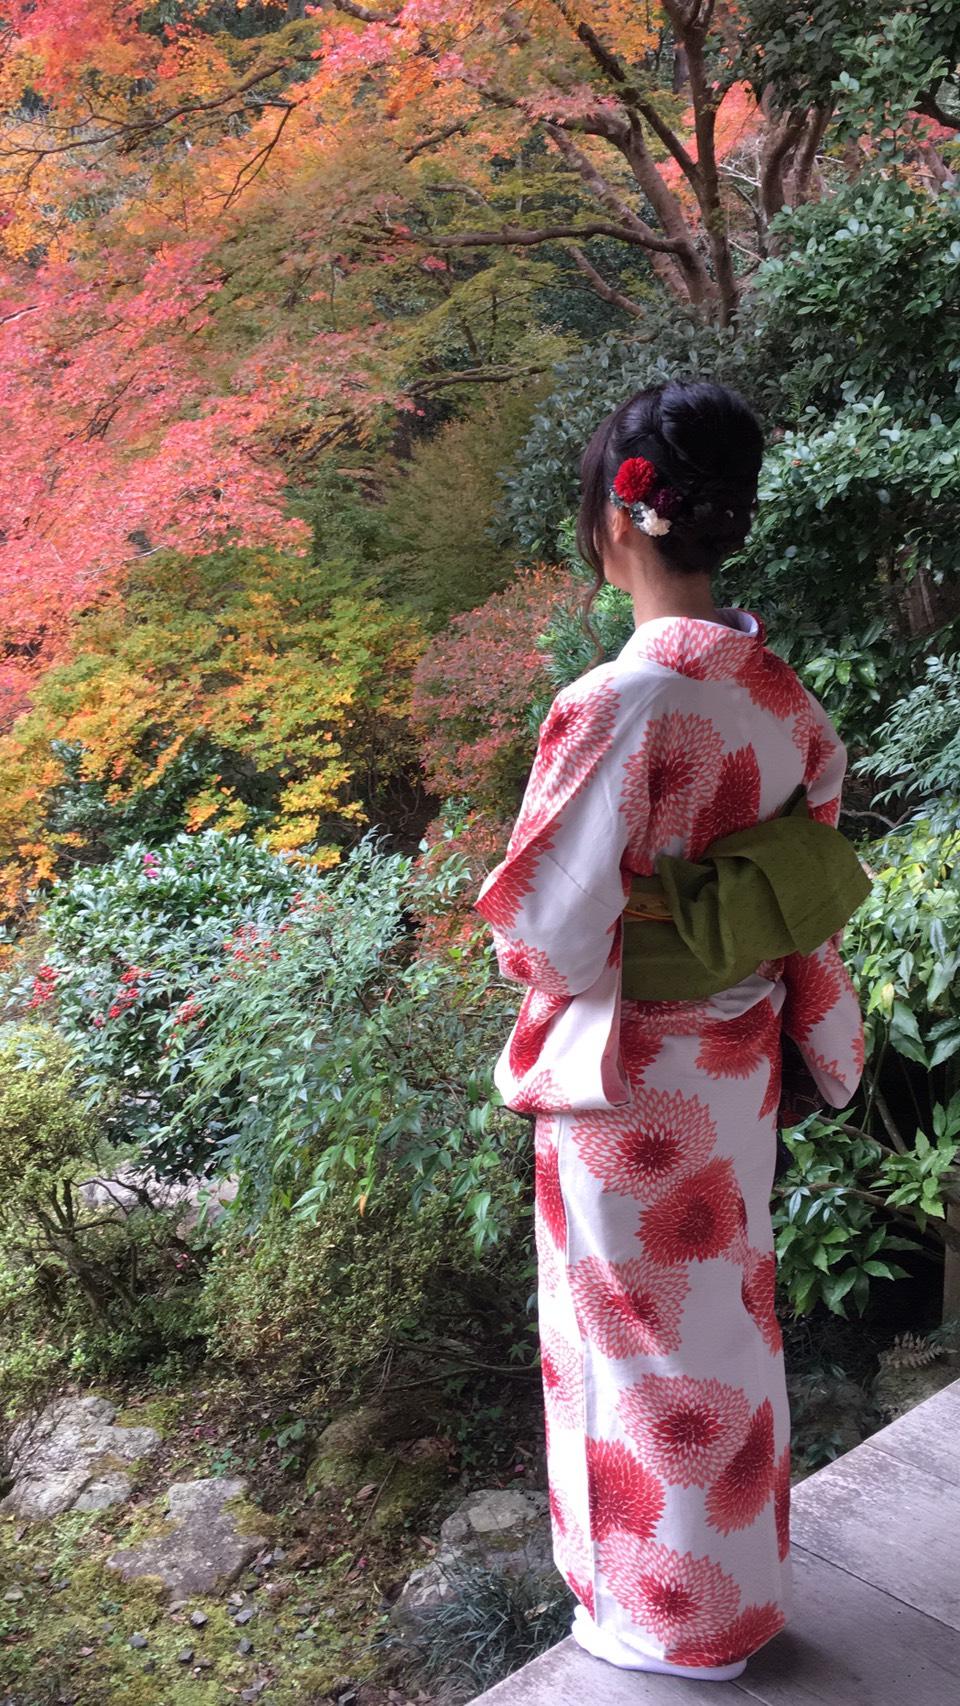 京都は紅葉見頃で~す2019年11月24日4